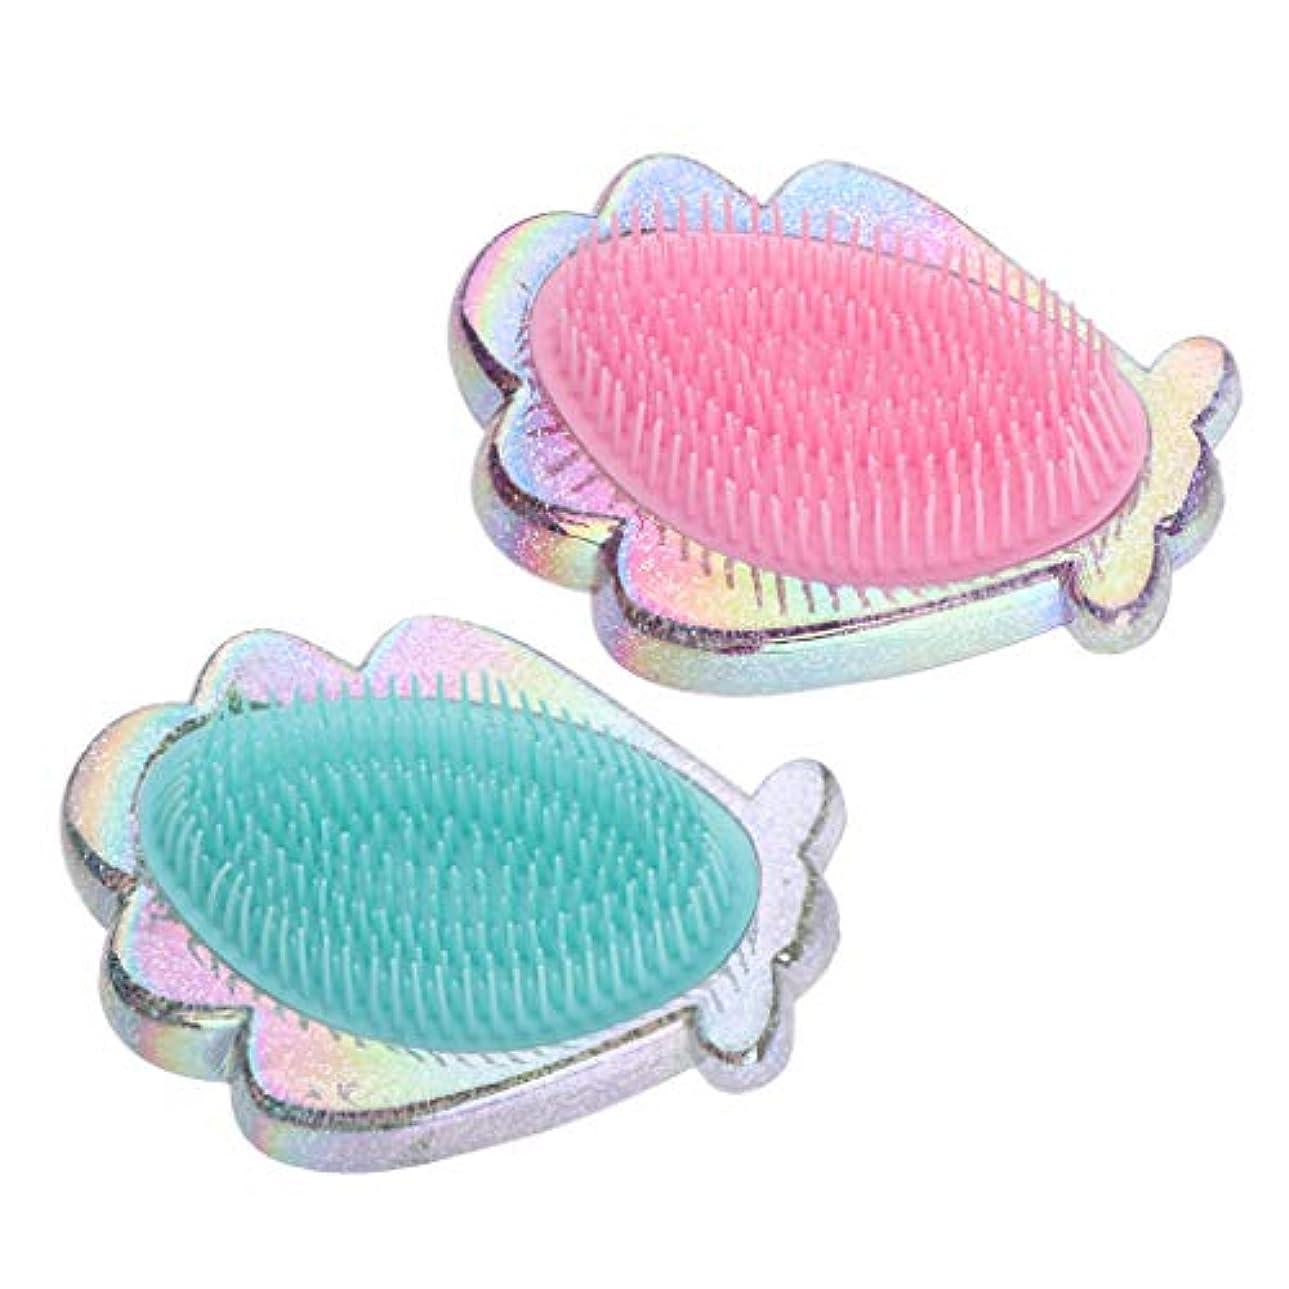 閃光不確実グリースCUTICATE コーム ヘアコーム ヘアブラシ 静電気防止 プラスチック製 女性用 2個パック